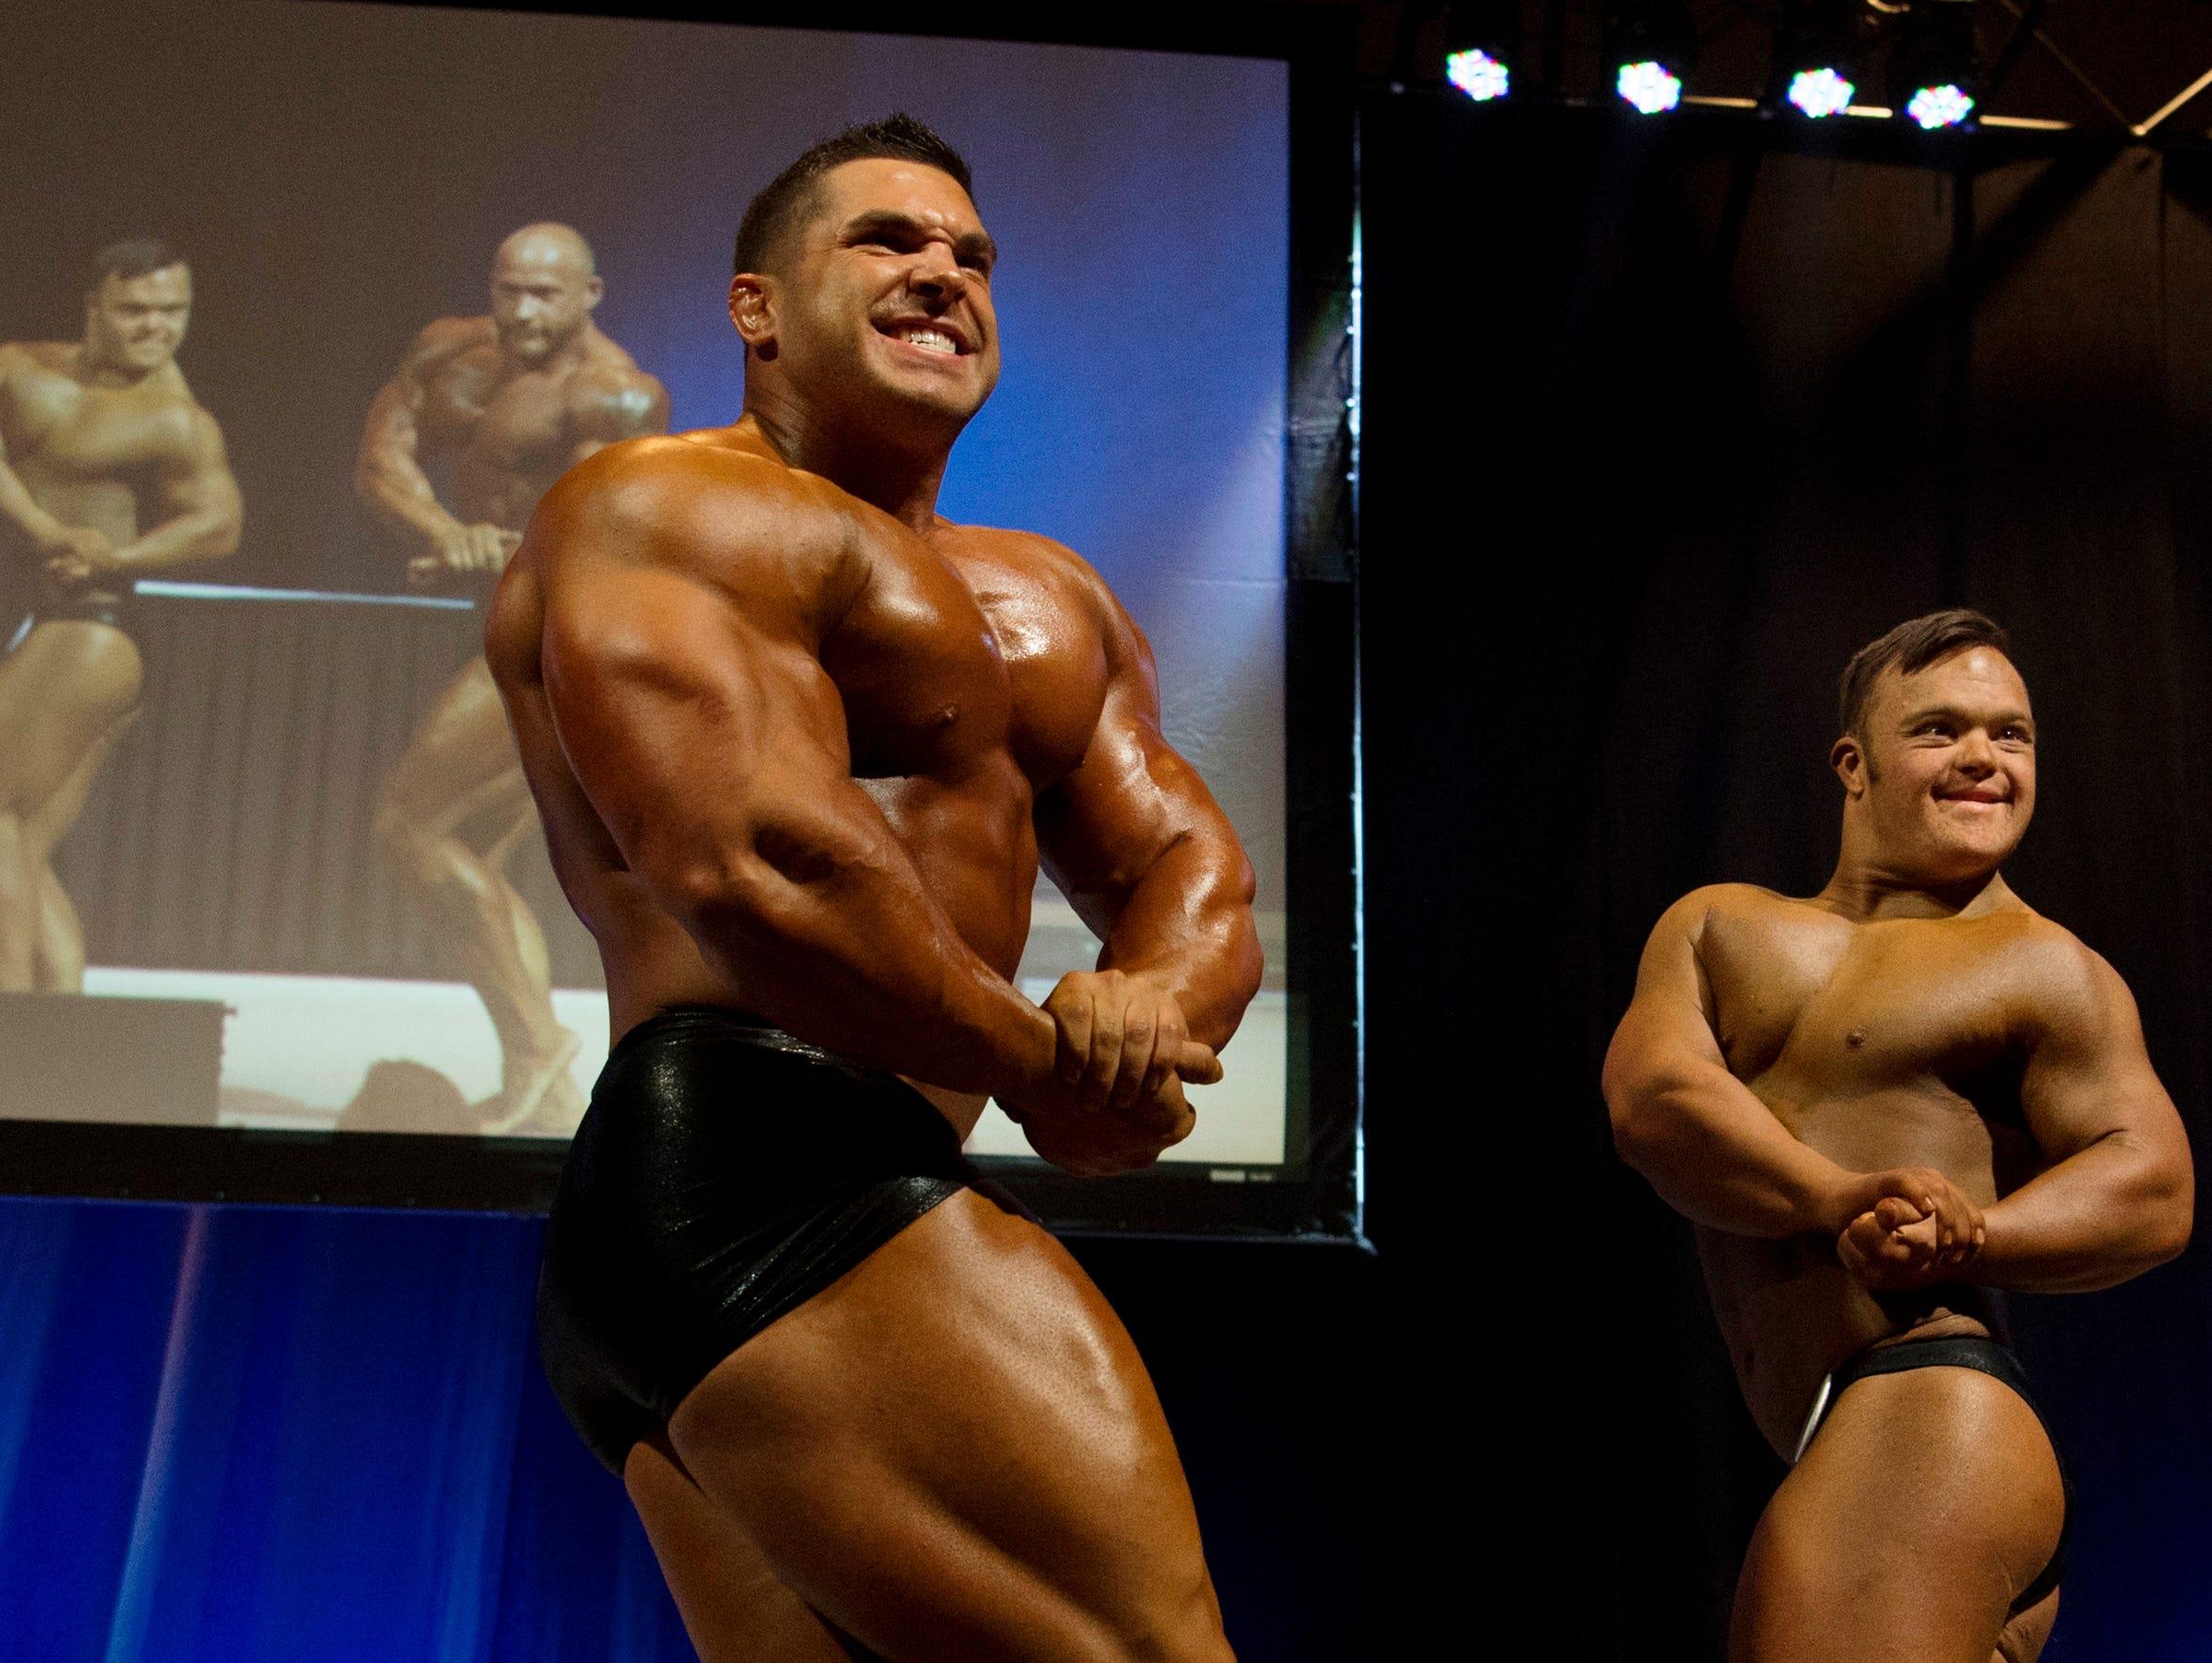 Professional bodybuilder Derek Lunsford and Collin